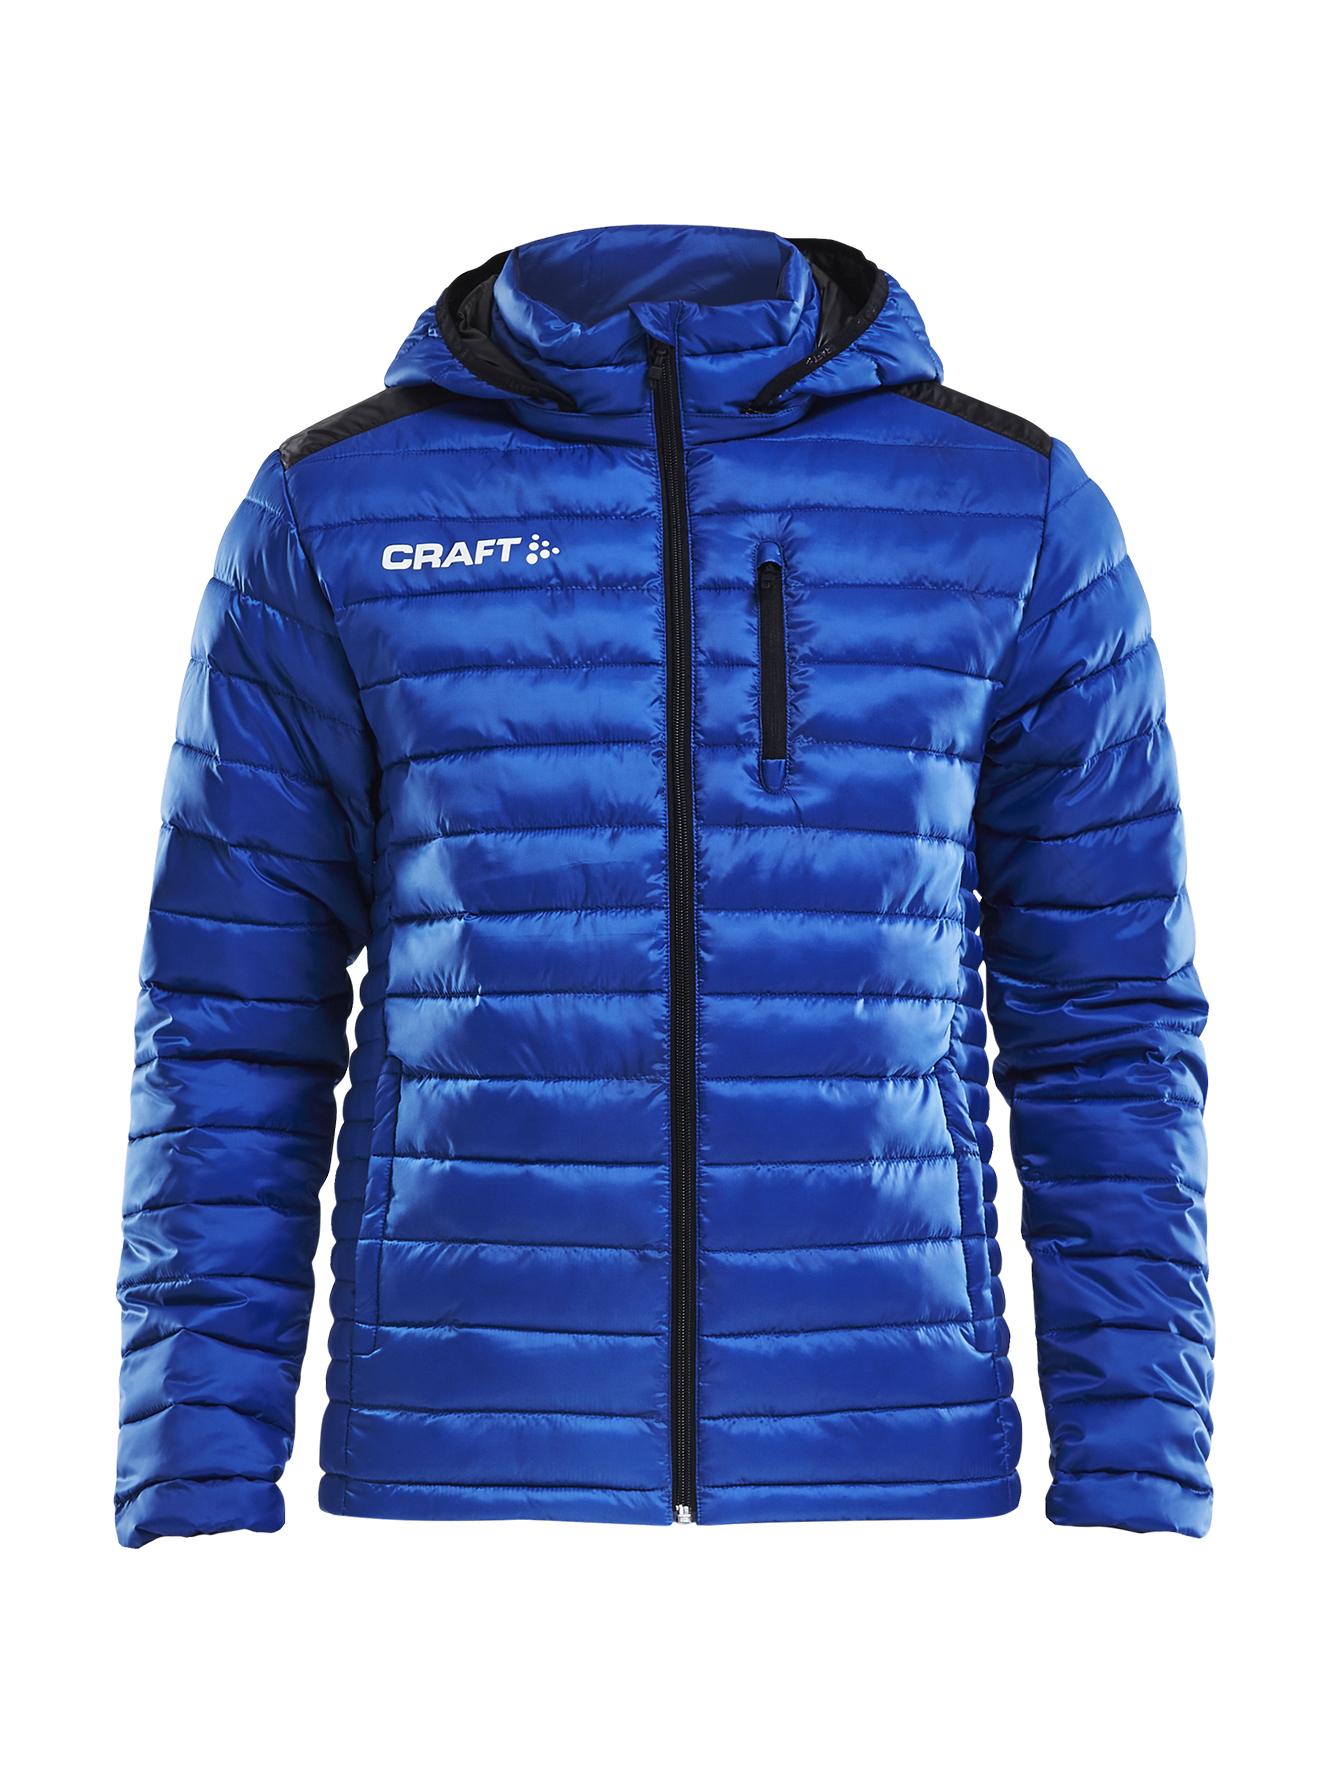 Billede af Craft Isolate Jacket Wind Jacket Men - Royal